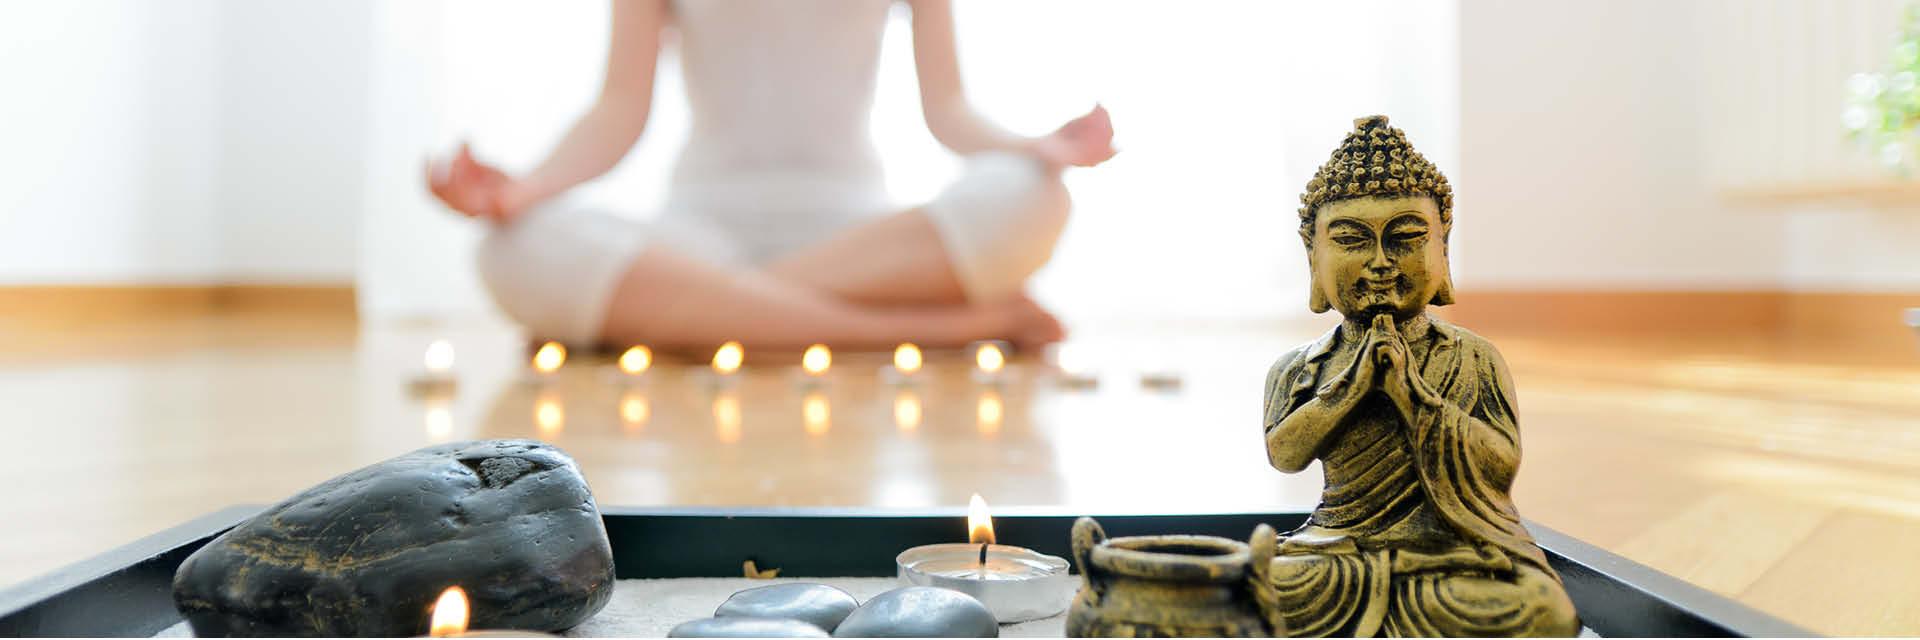 6 Einrichtungstipps Fur Einen Entspannten Yoga Platz Zu Hause